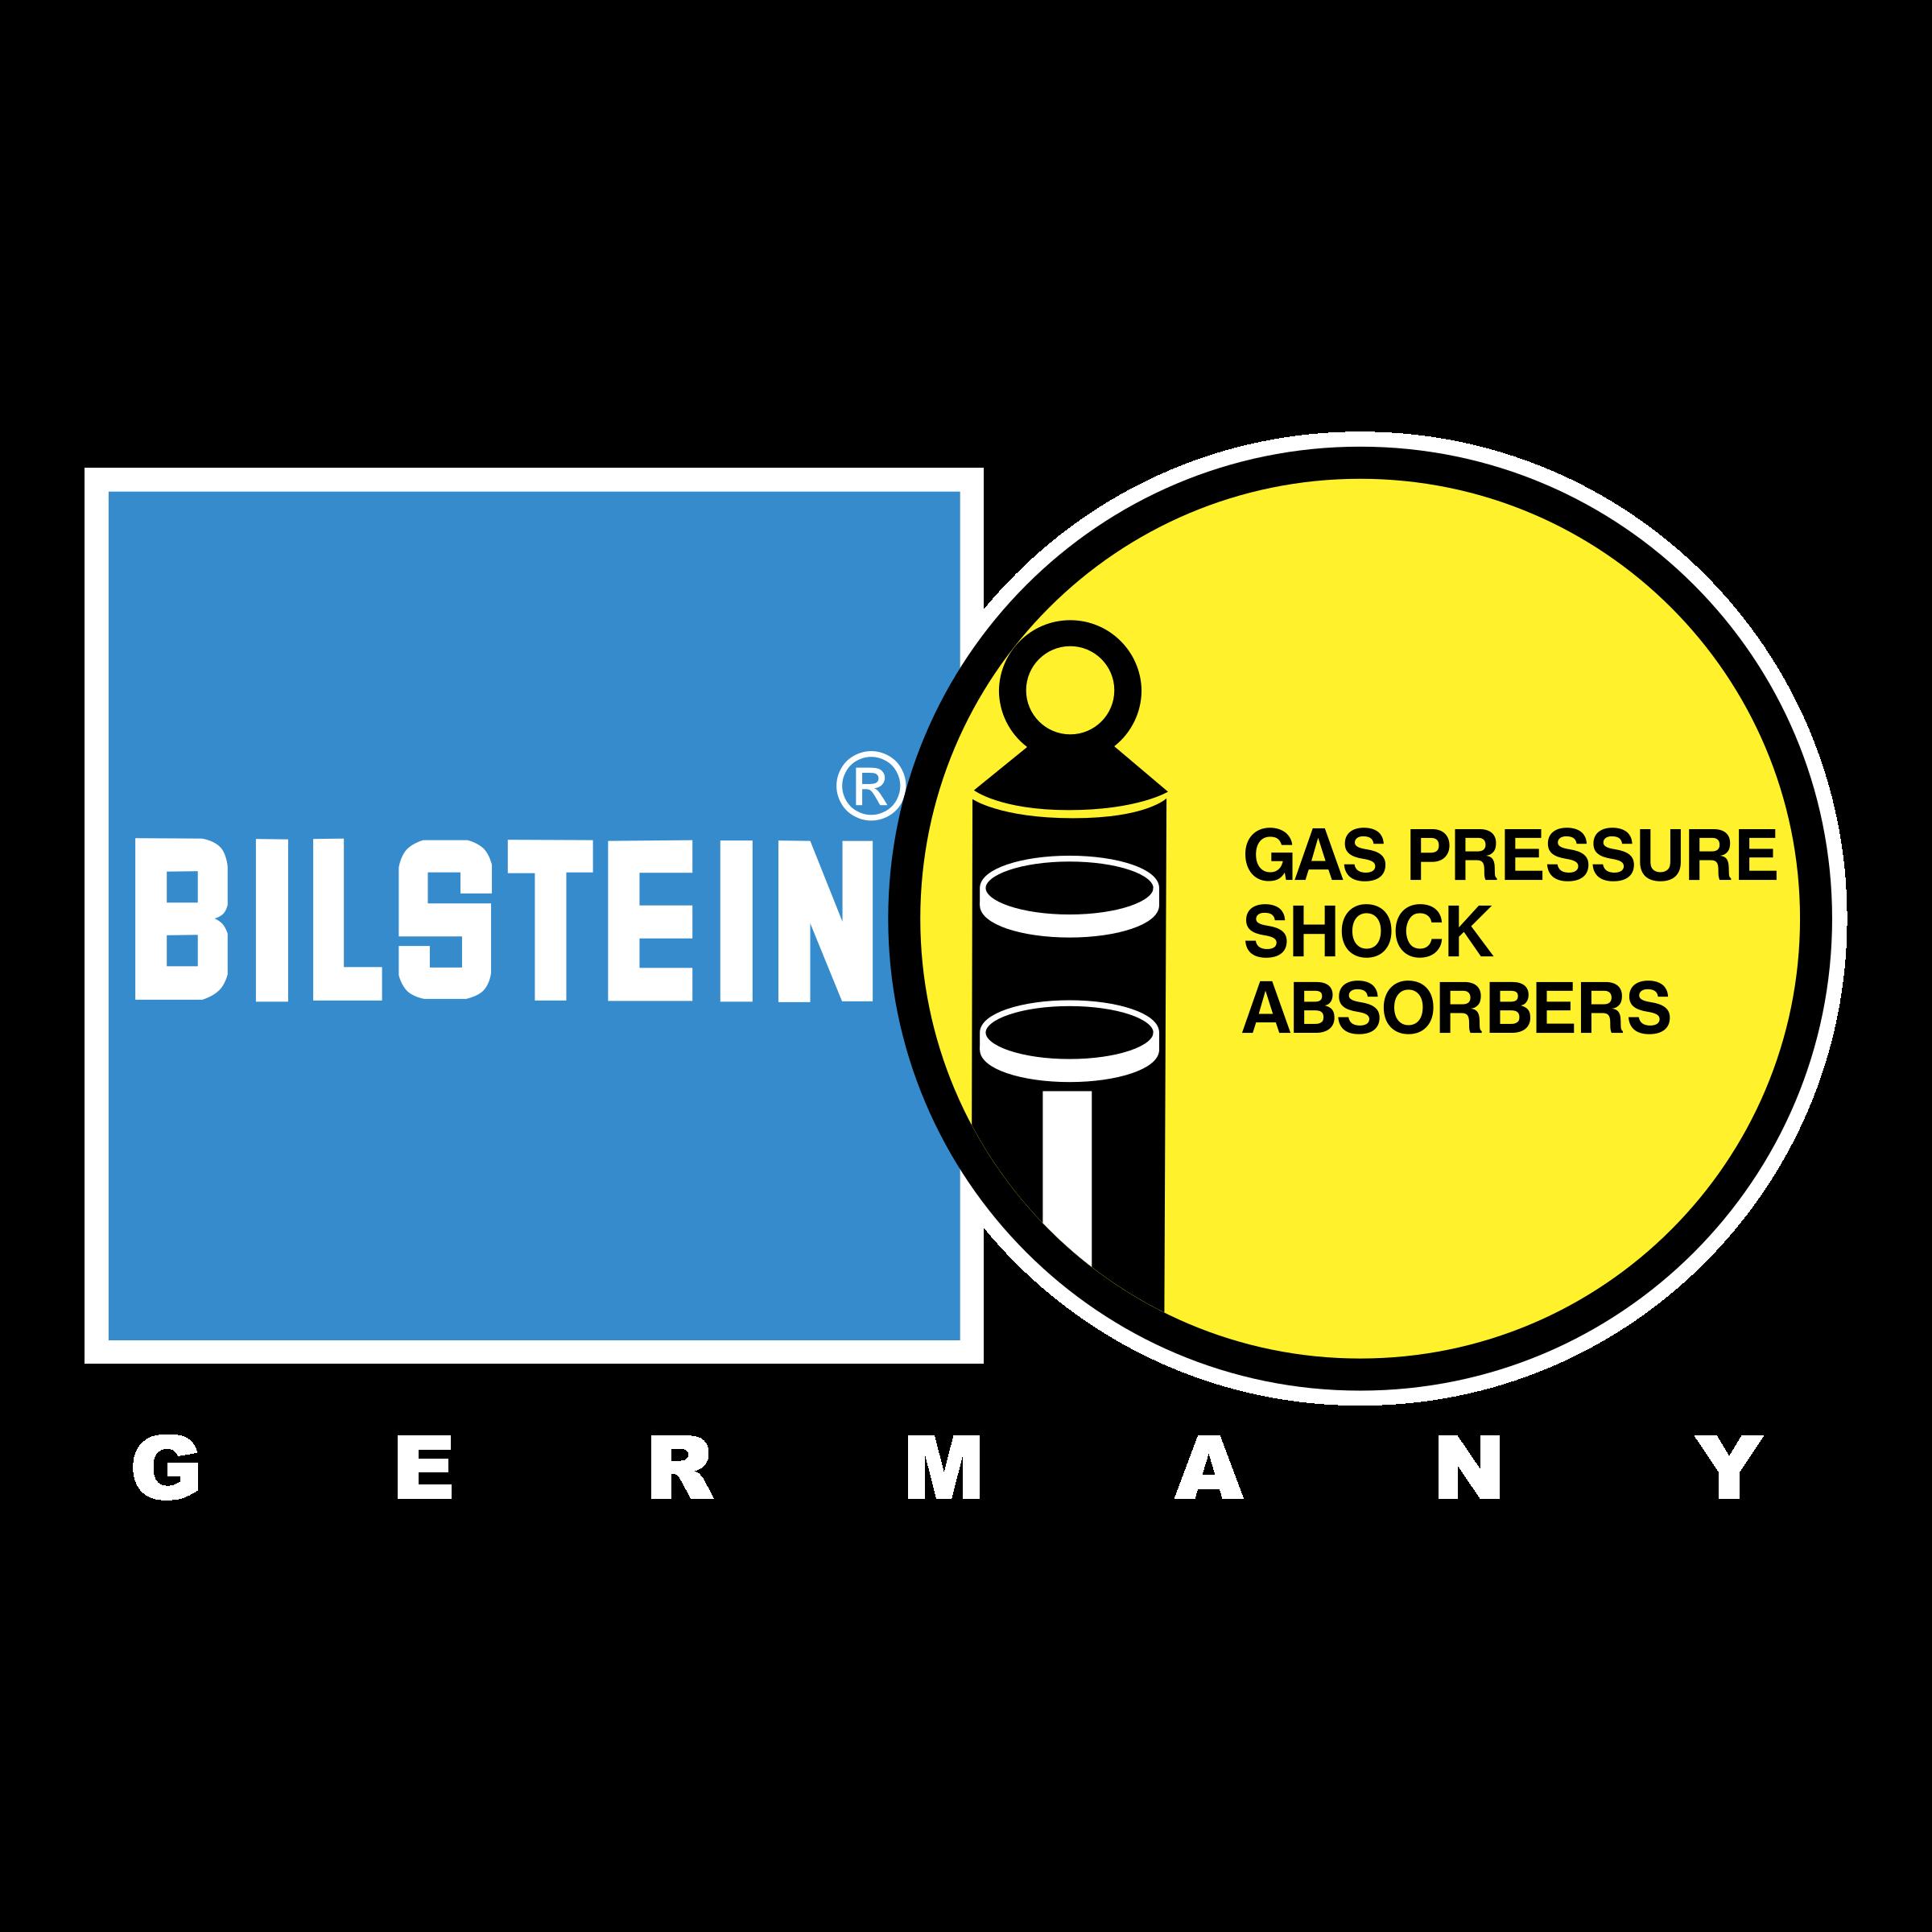 bilstein-1-logo-png-transparent